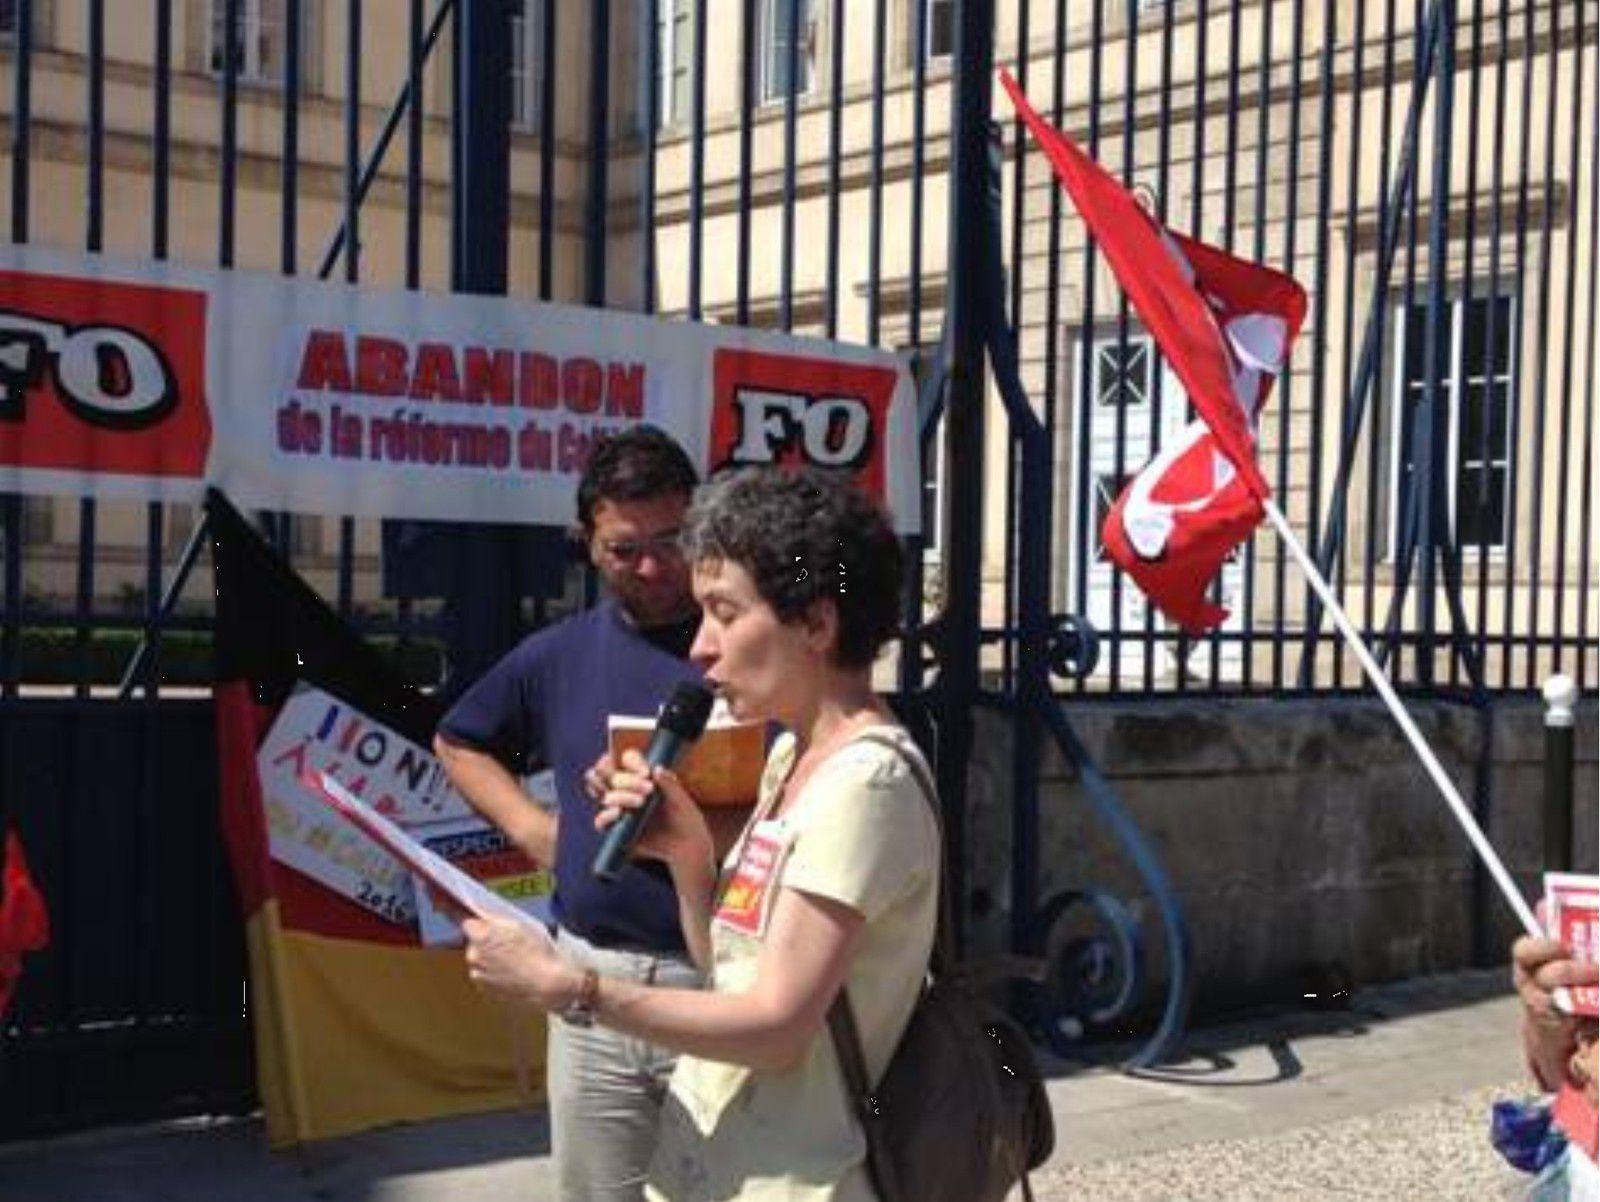 A l'appel du SNFOLC, SNETAA FO, SNES-FSU, SNEP-FSU, CGT-Educ'Action, SUD-Education, Grève le 11 juin pour l'abrogation du décret sur la réforme du collège Rassemblement devant la préfecture du Puy